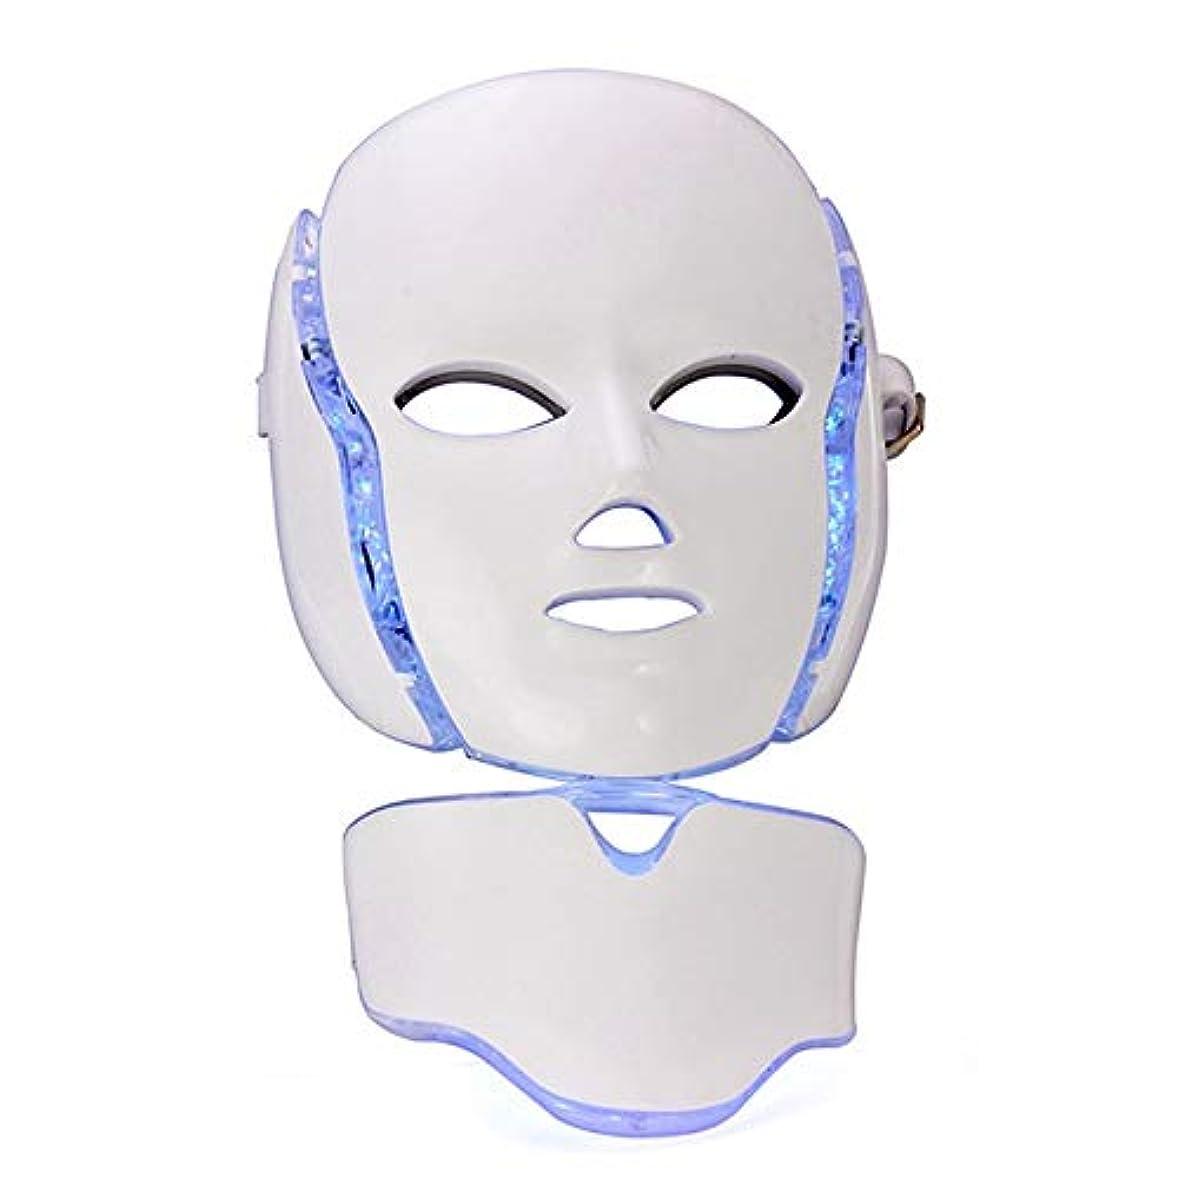 バケットダムブルジョンライトセラピーマスクは、ライトセラピーは首にきび治療7色フォトンフェイスマスクマシンはホワイトニングと肌の若返りライトセラピーにきびマスクディープリペアアンチエイジングマスク (Color : White)